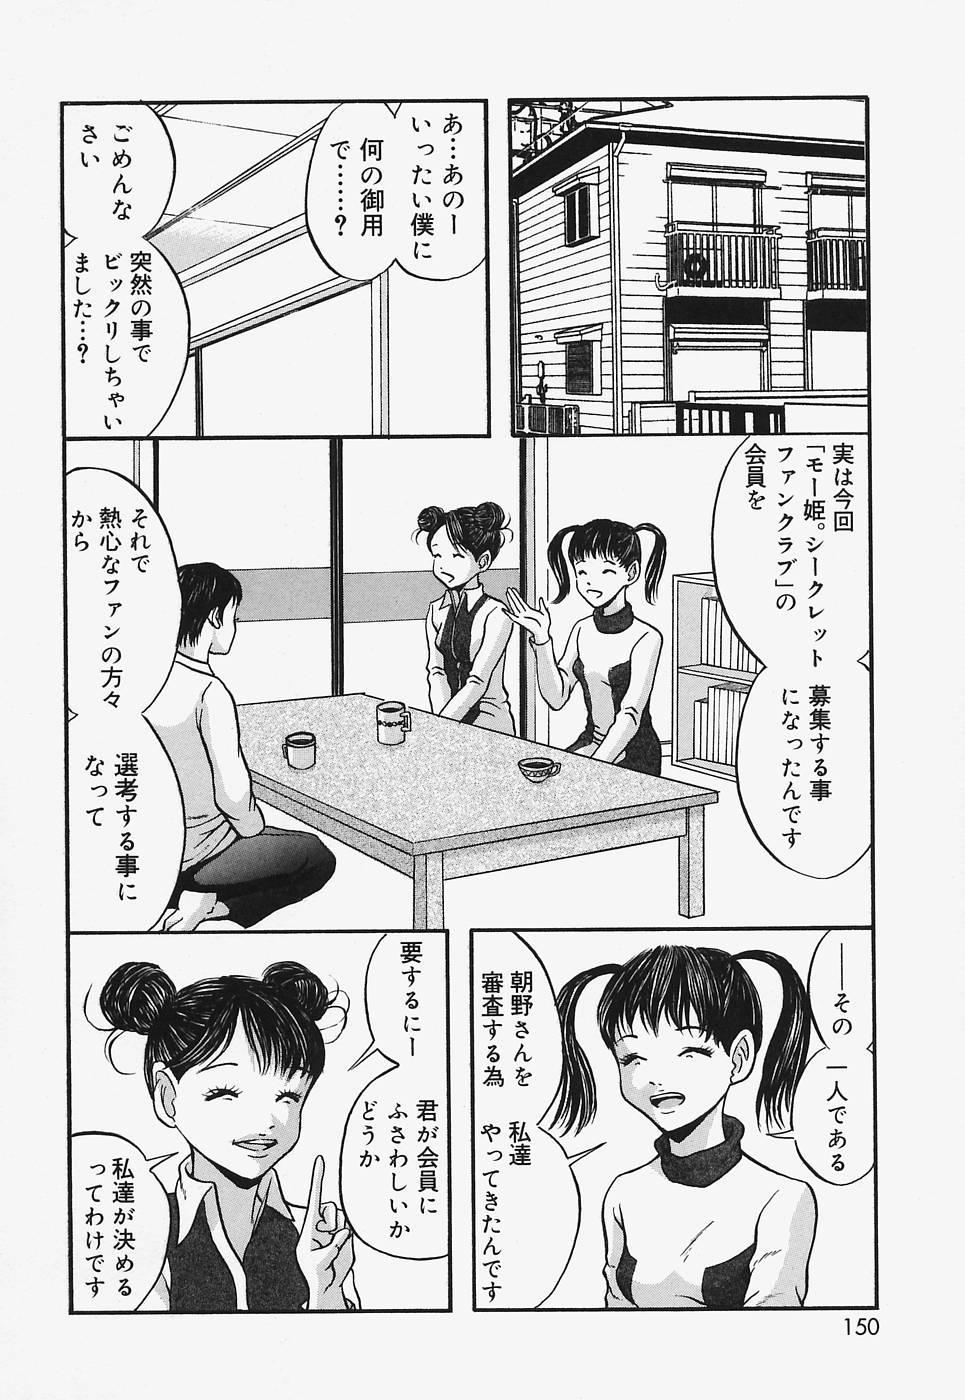 Nurunuru Syoujyo Jiru 148